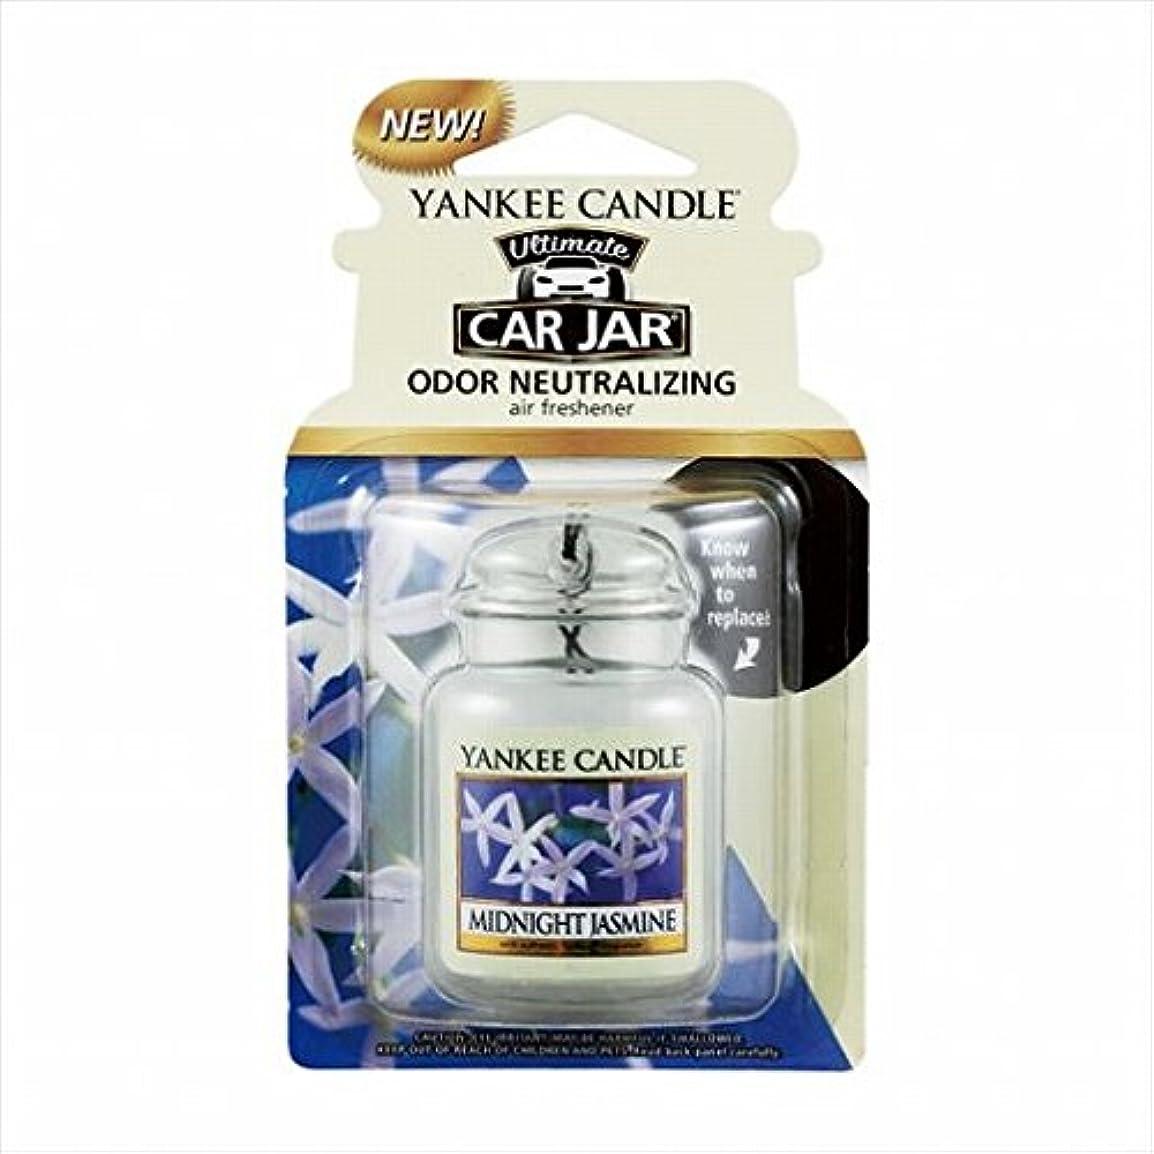 カメヤマキャンドル( kameyama candle ) YANKEE CANDLE ネオカージャー 「 ミッドナイトジャスミン 」